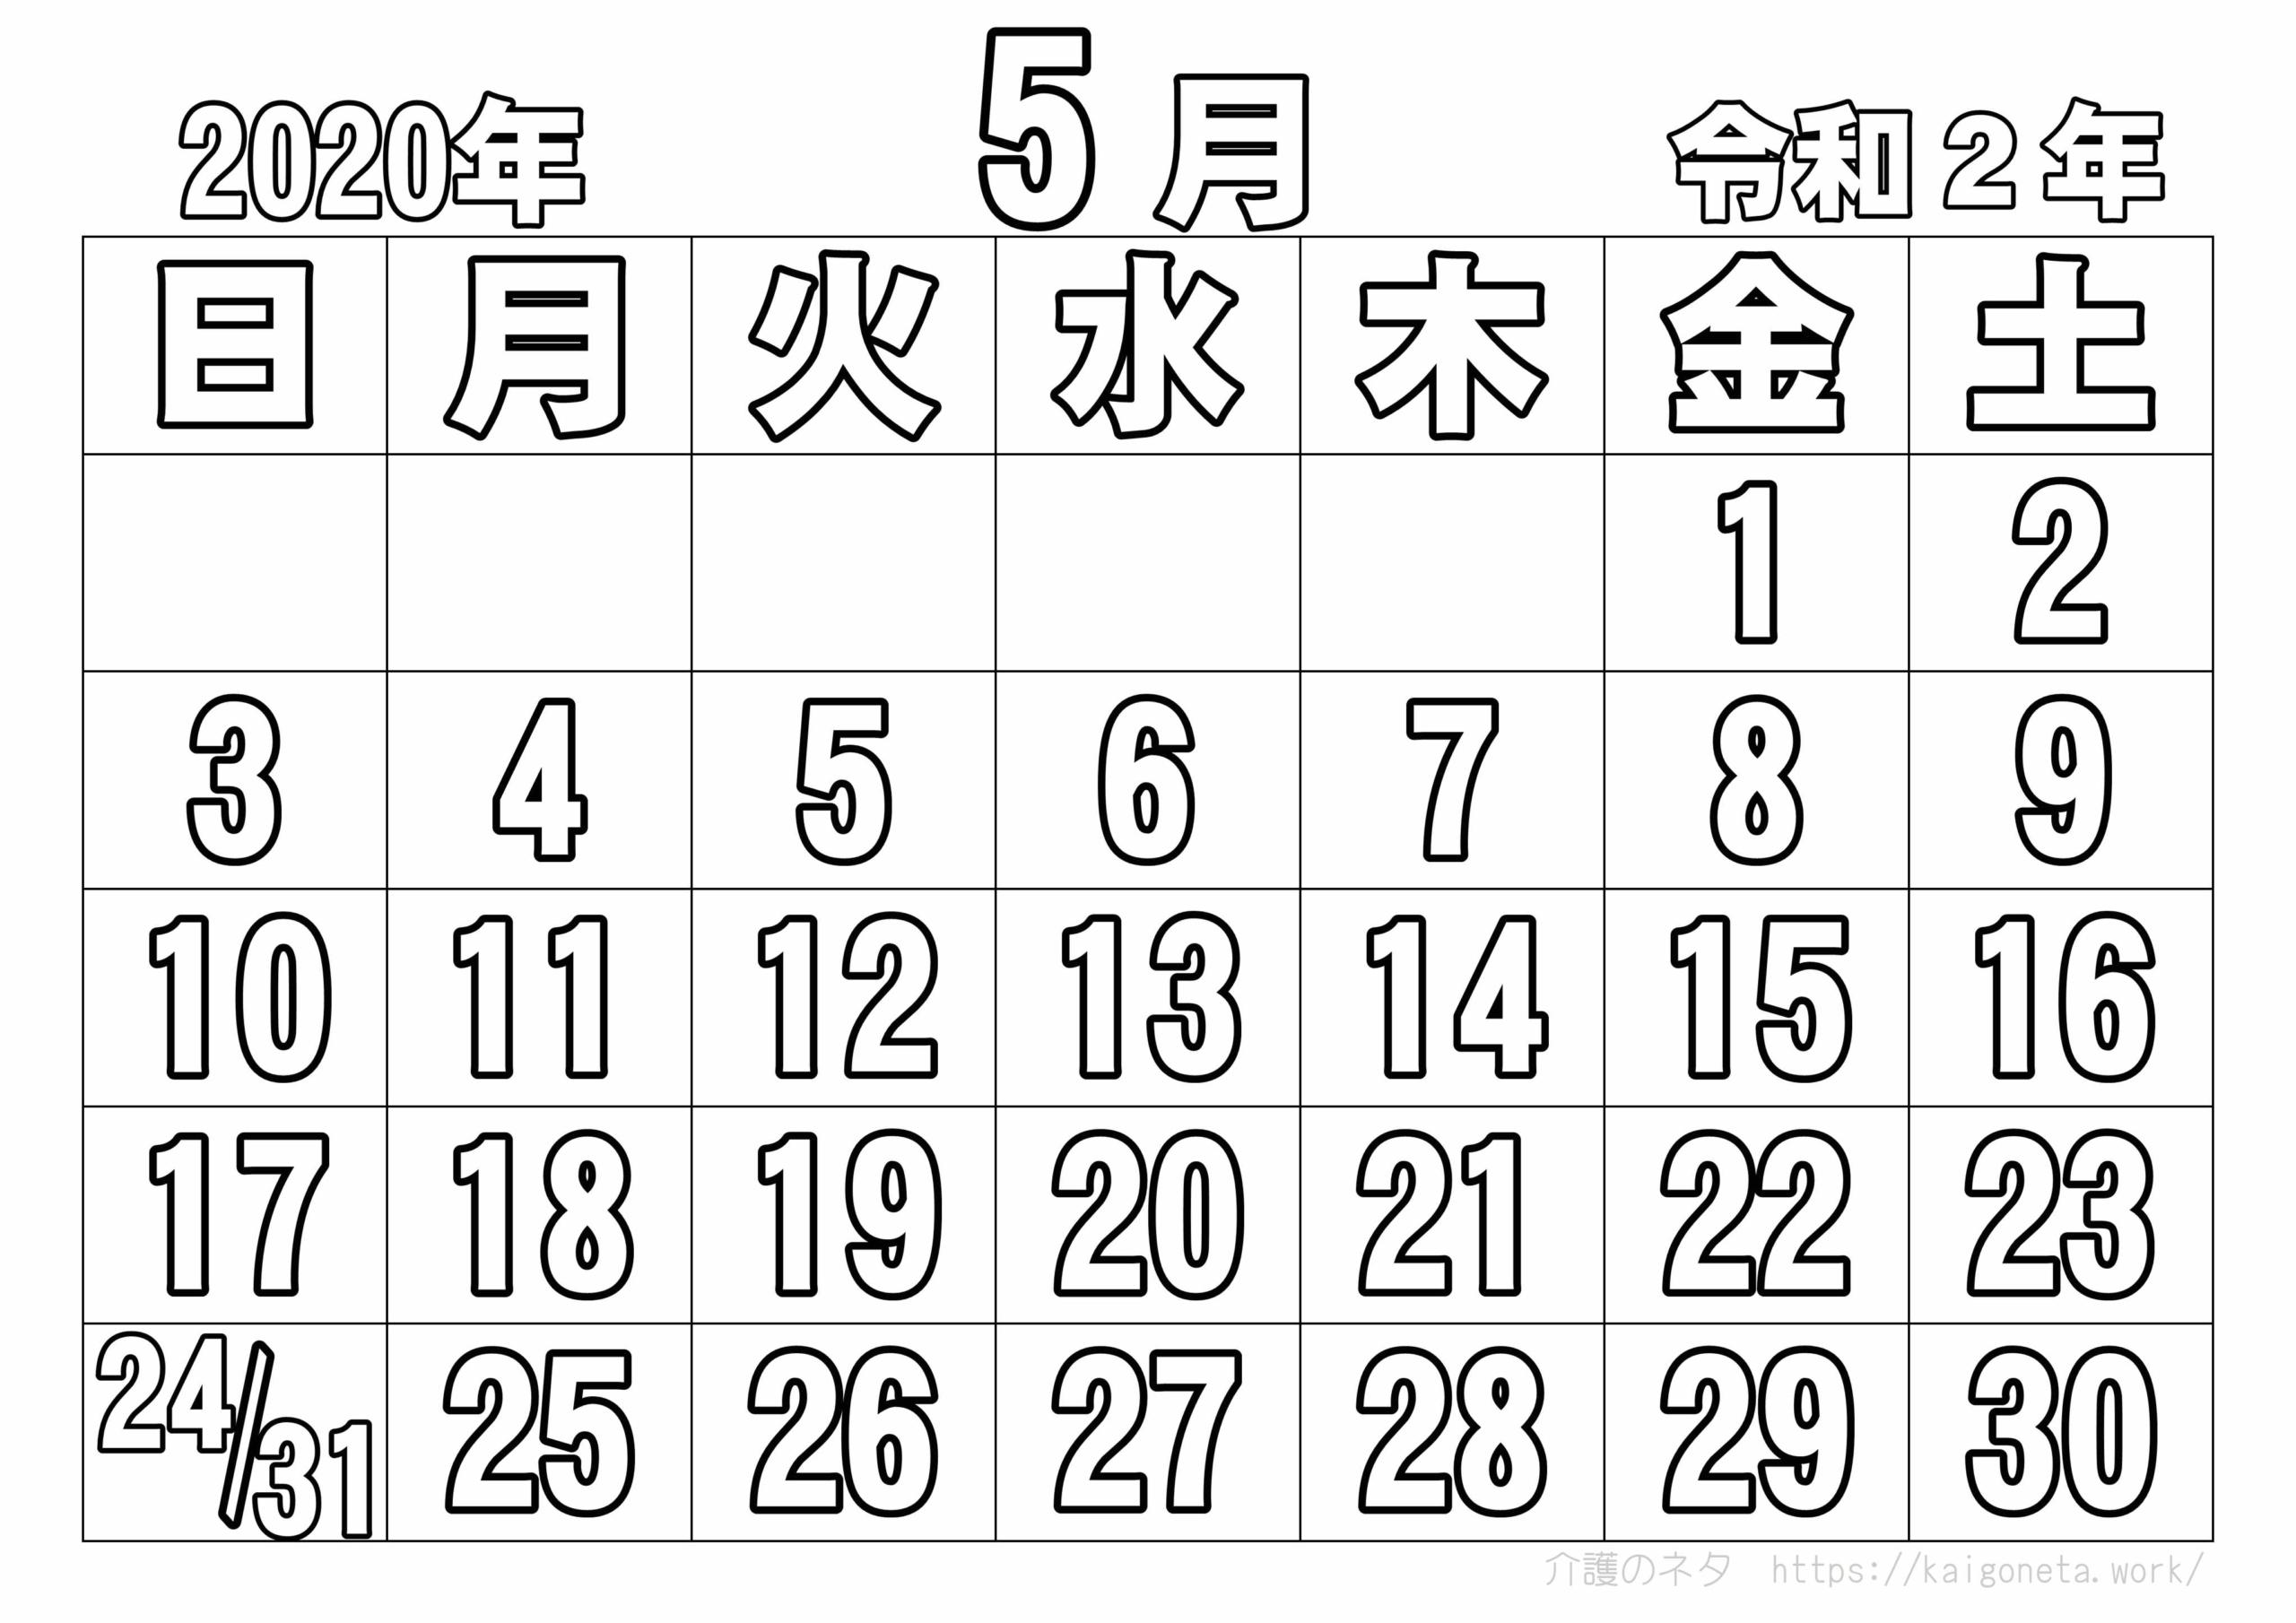 月 5 カレンダー 年 2020 五黄土星 福来る